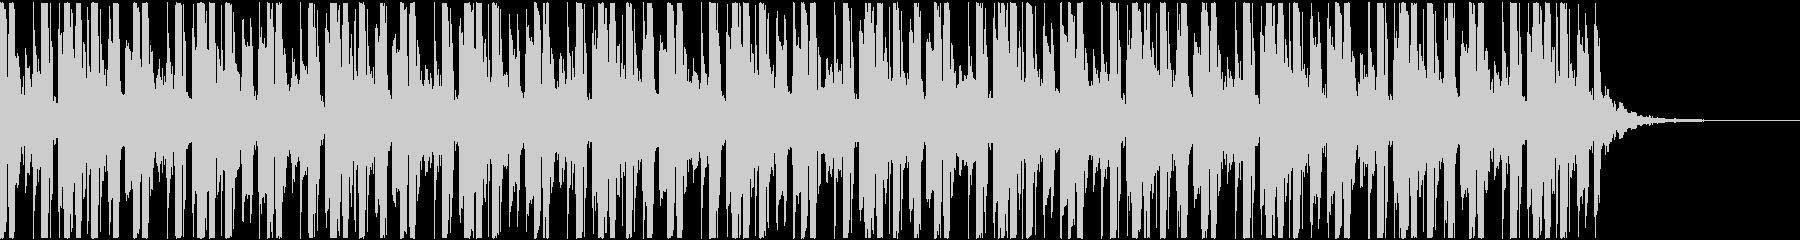 ハイテンポな電子ジャズっぽいBGMの未再生の波形